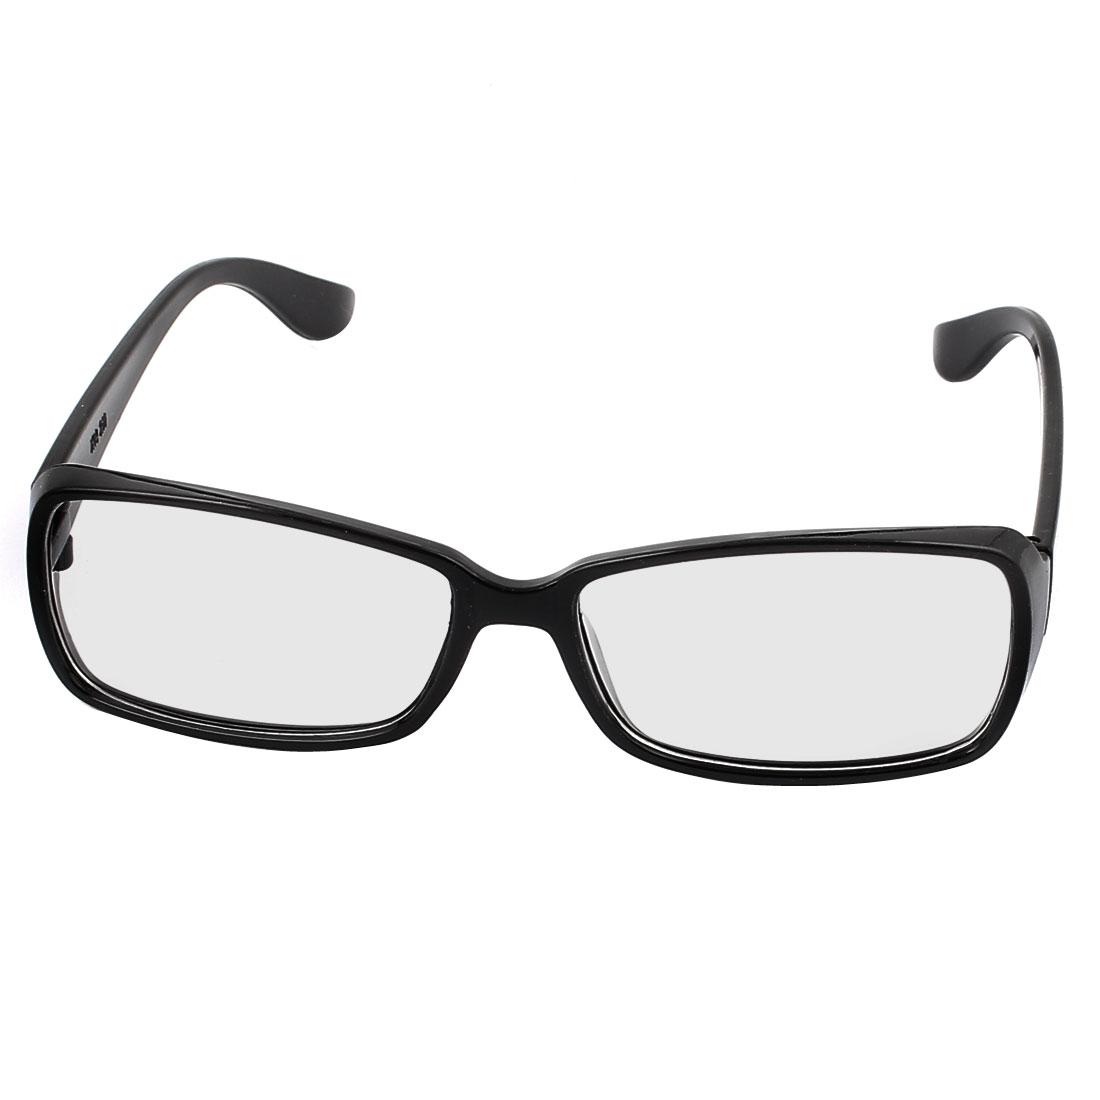 Men Women Plastic Clear Lens Black Frame Full Rim Plano Glasses Eyeglass